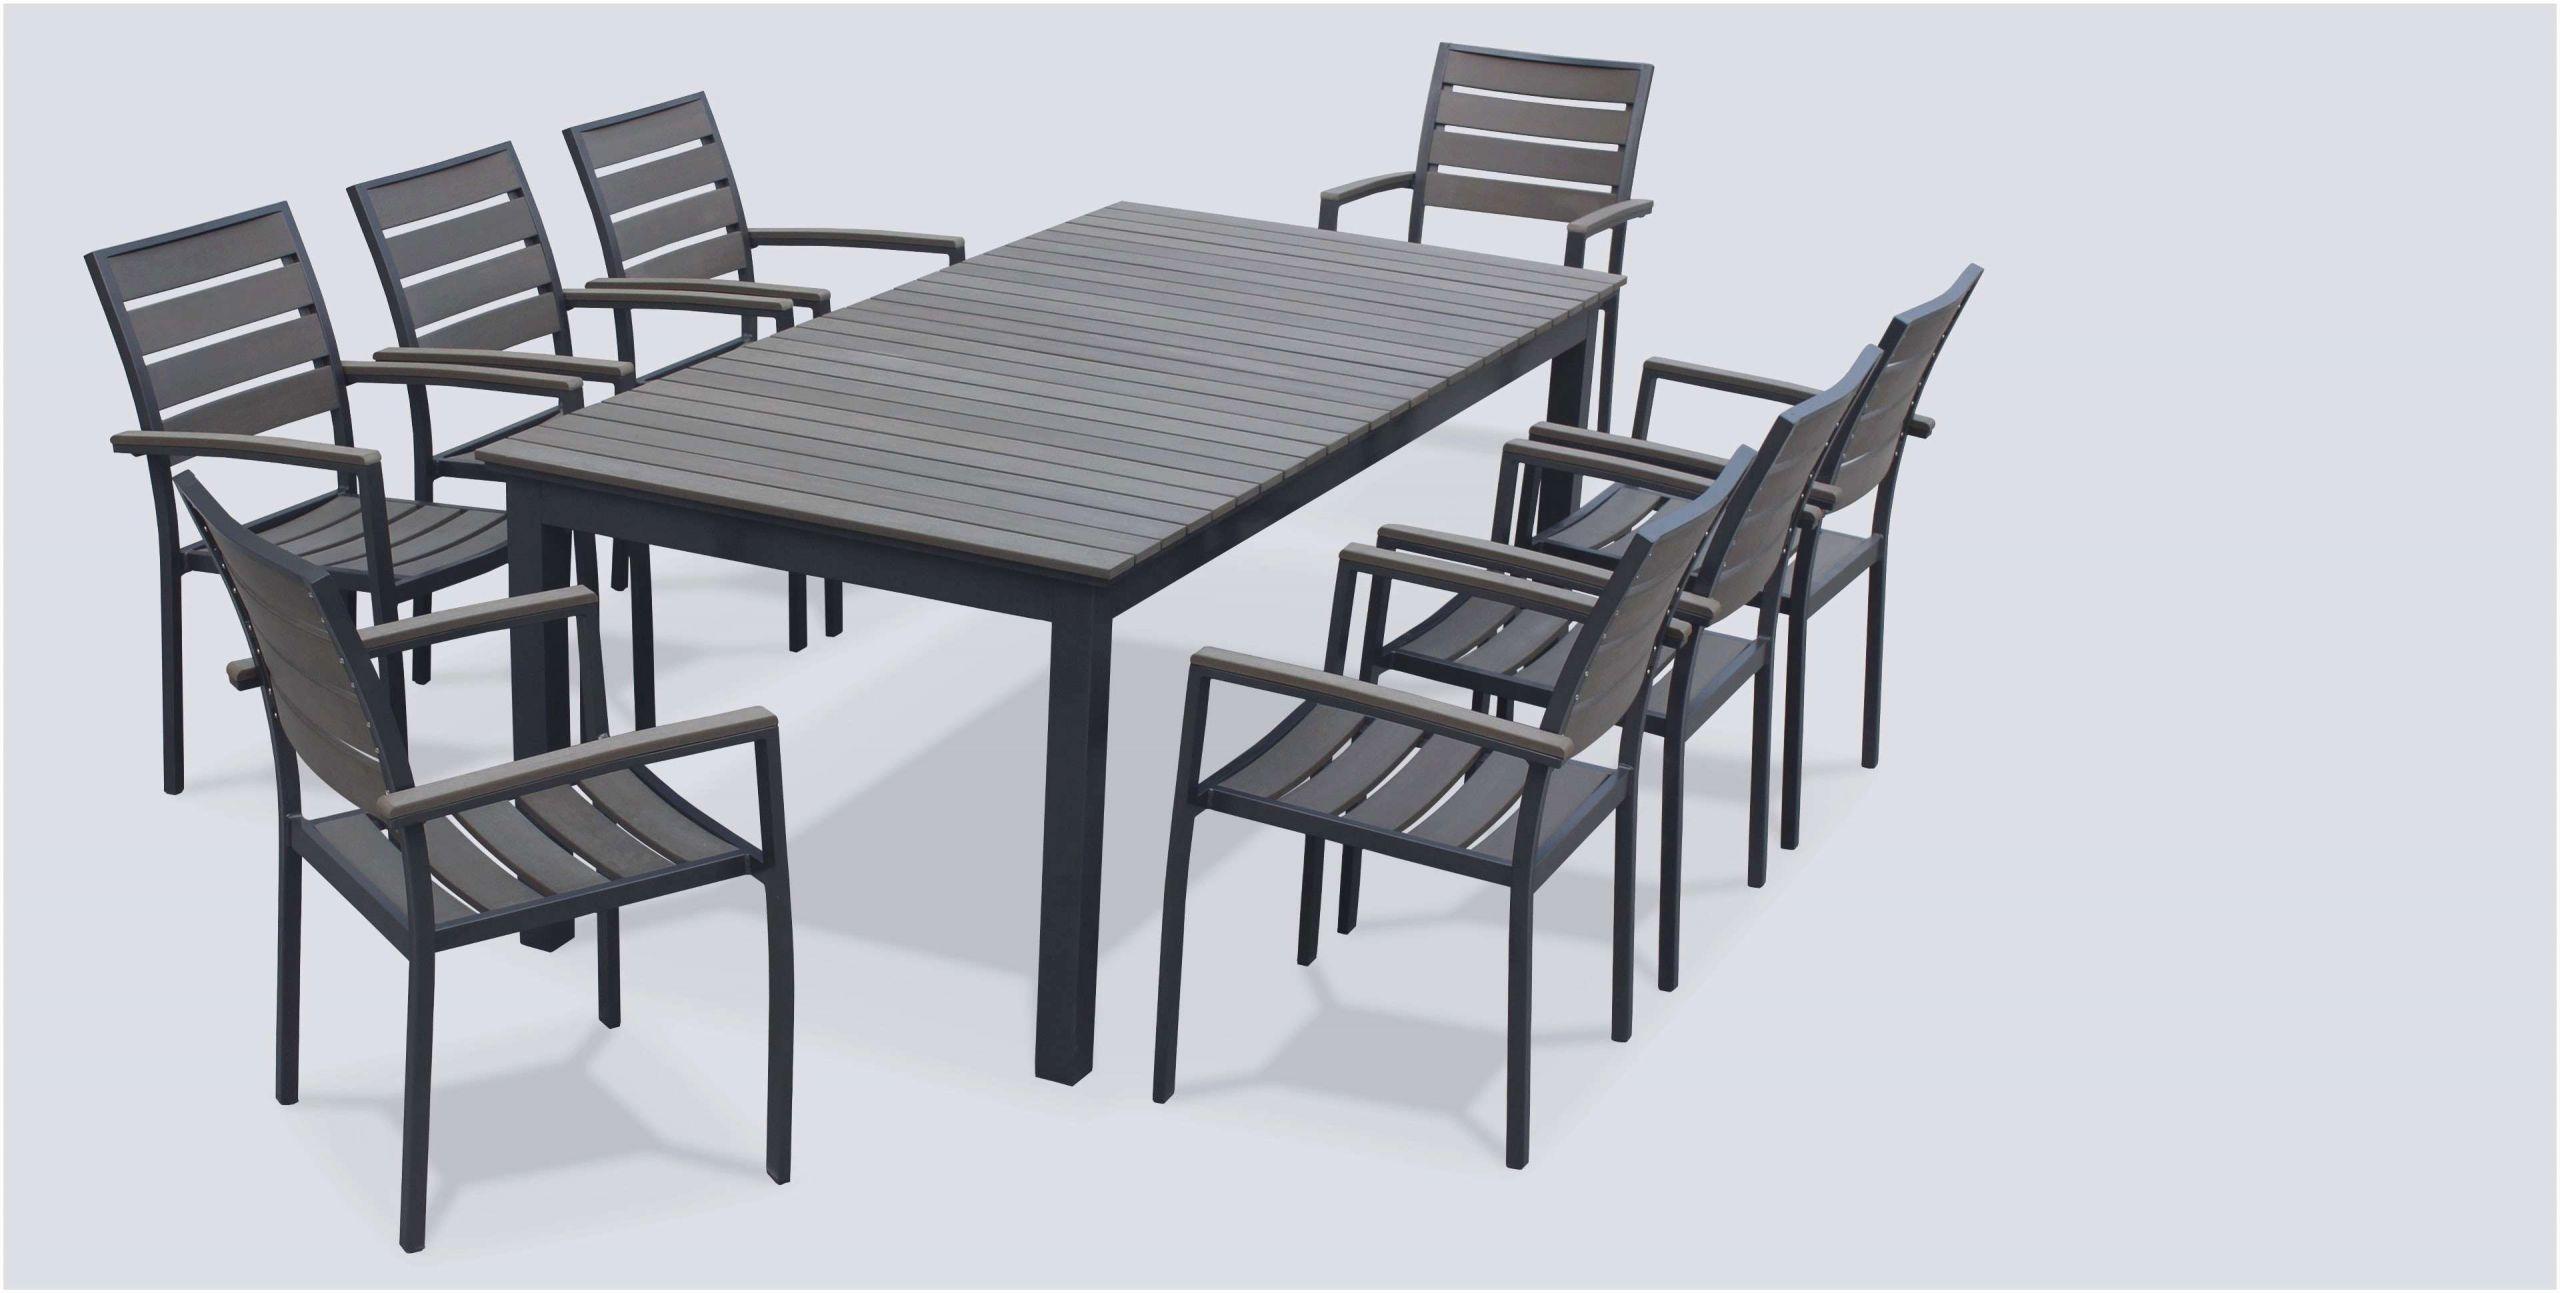 37 Charmant Table De Salon De Jardin Leclerc | Salon Jardin tout Table De Jardin Pas Cher En Plastique Leclerc